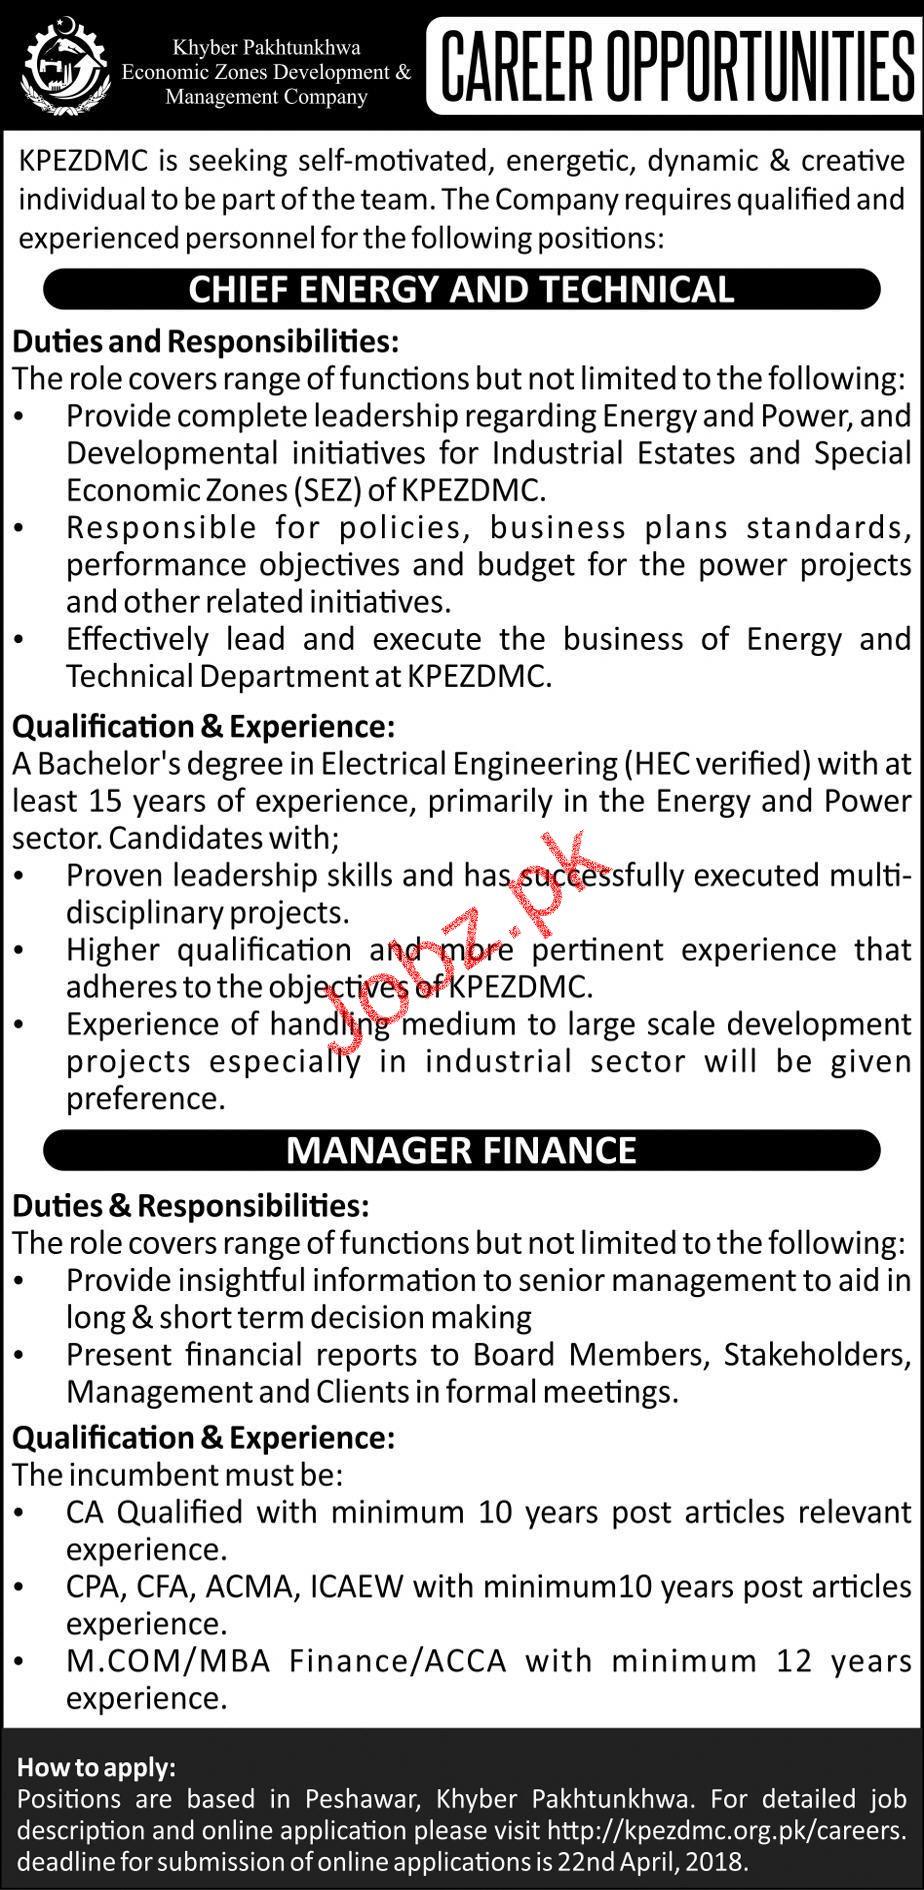 KPK Economic Zones Development and Company KPEZDMC Jobs